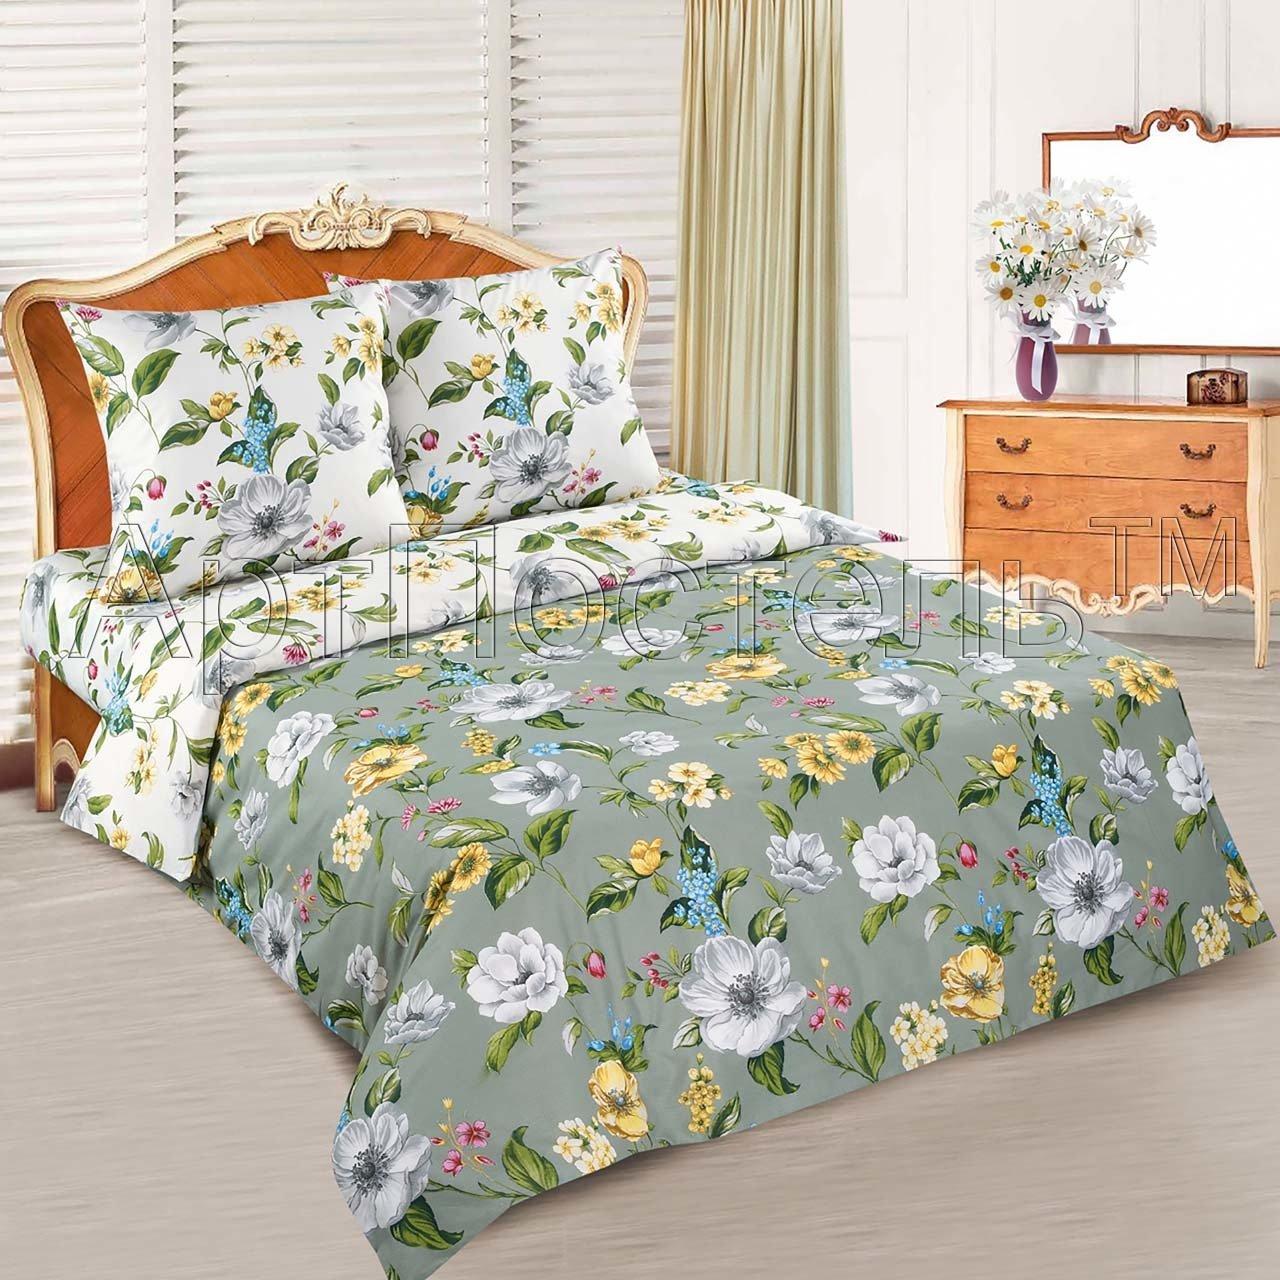 Комплект постельного белья из поплина Жаклин